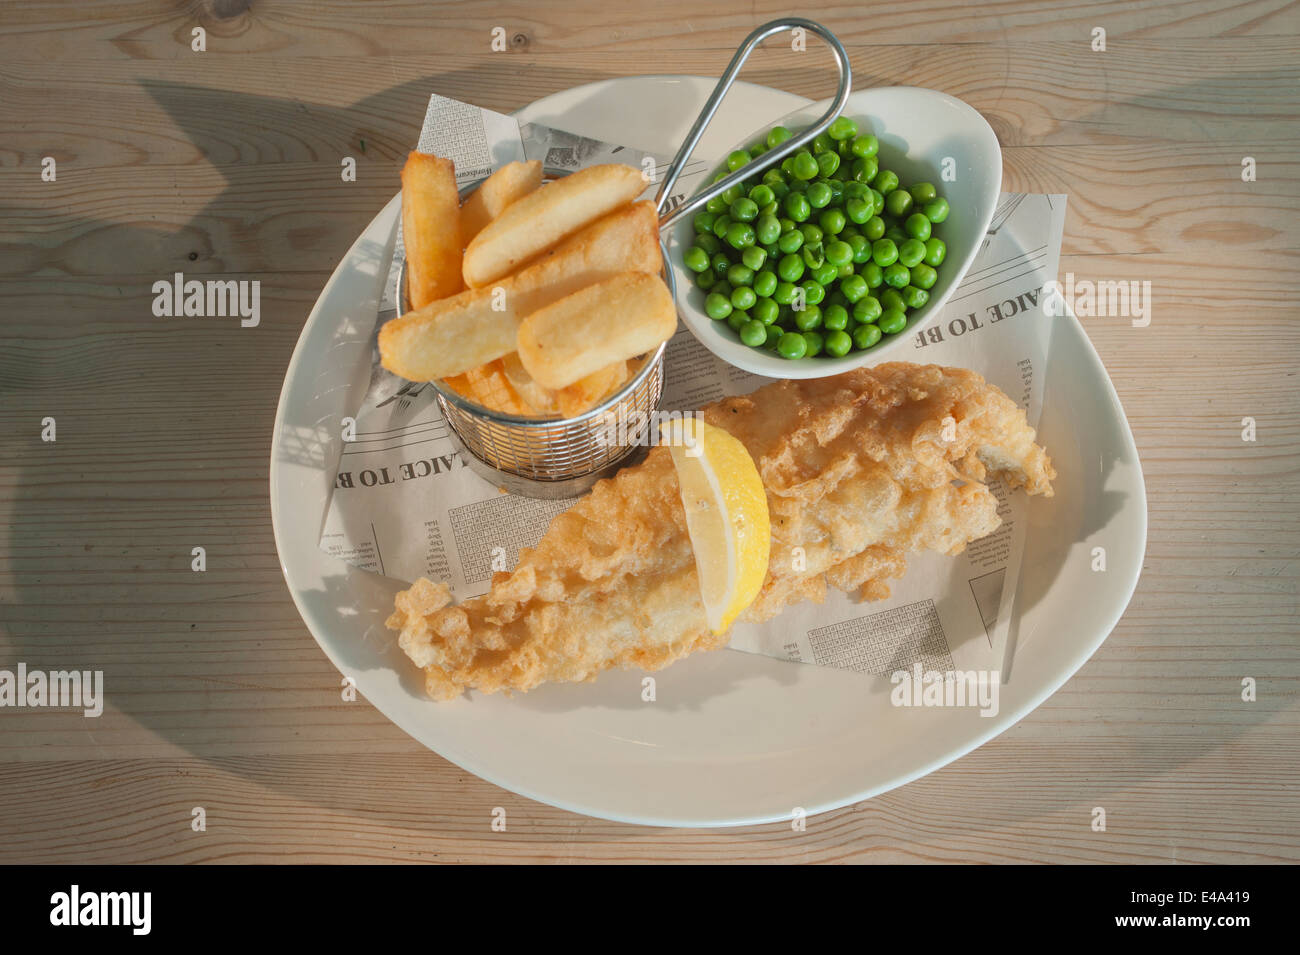 Pesce e patatine (Eglefino nella pastella) con piselli e un segmento di limone su una piastra bianca su di un tavolo Immagini Stock